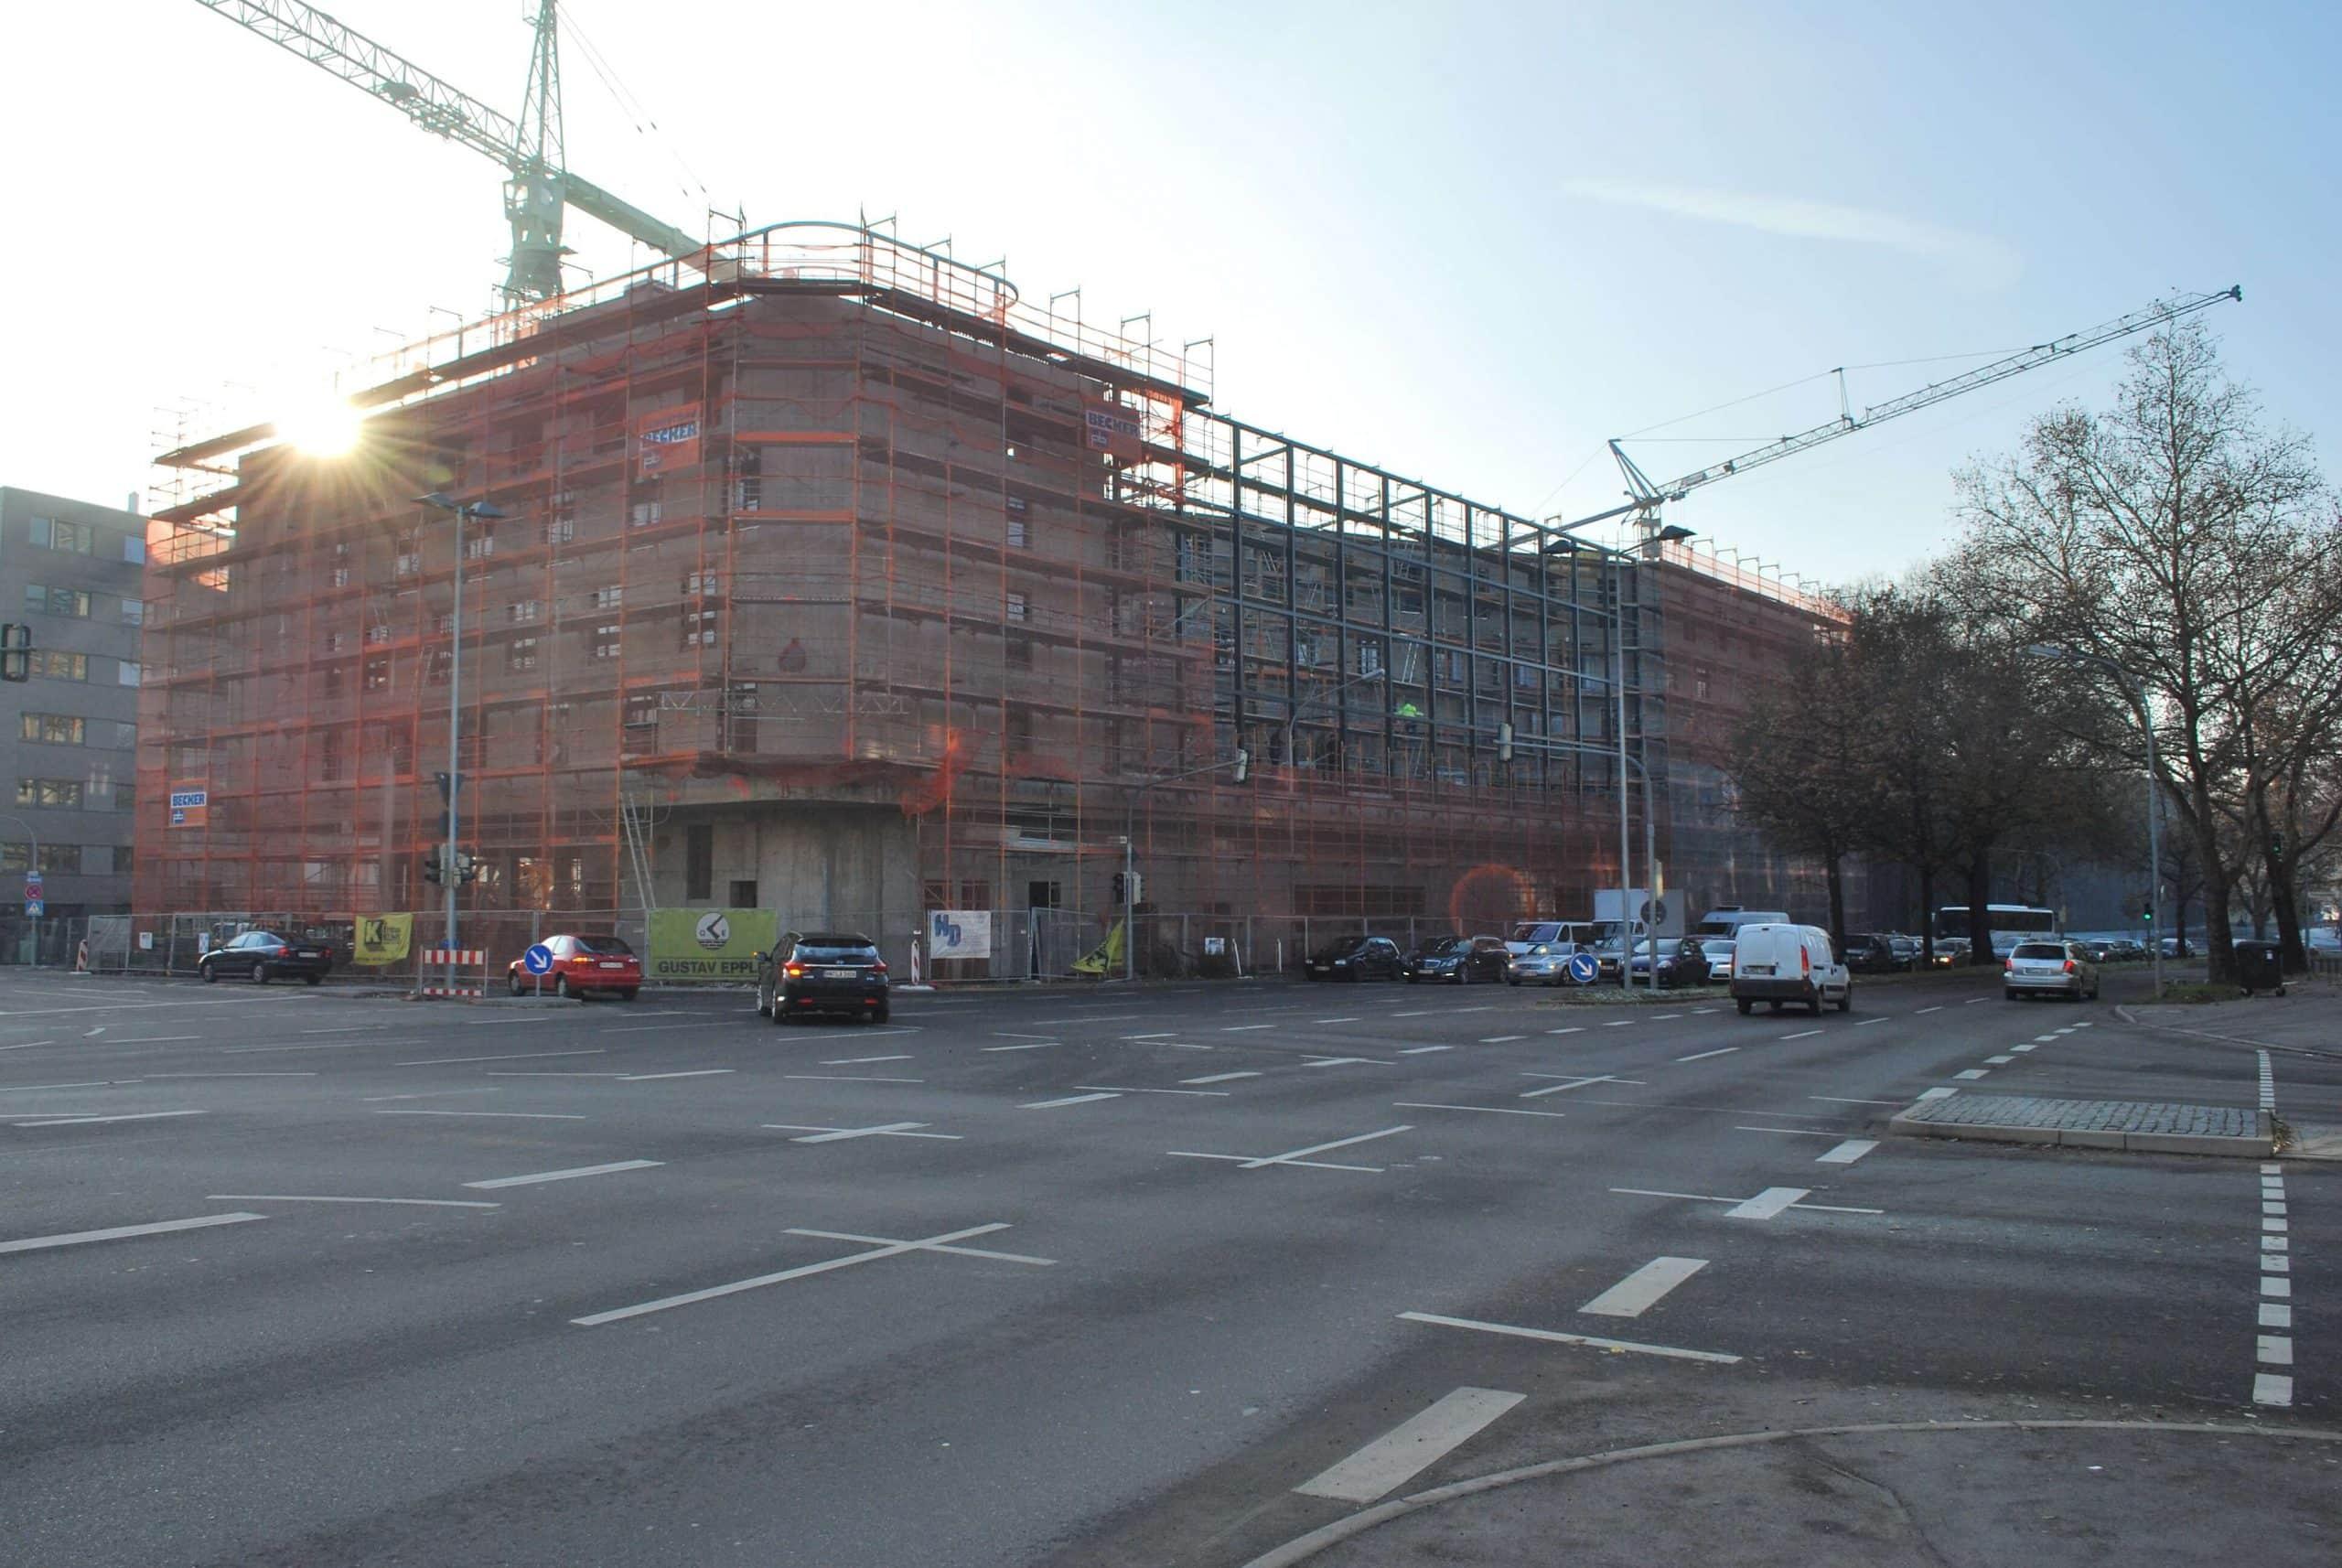 EPS – Flachdach-/Gefälledämmung Hotel Mercure Stuttgart